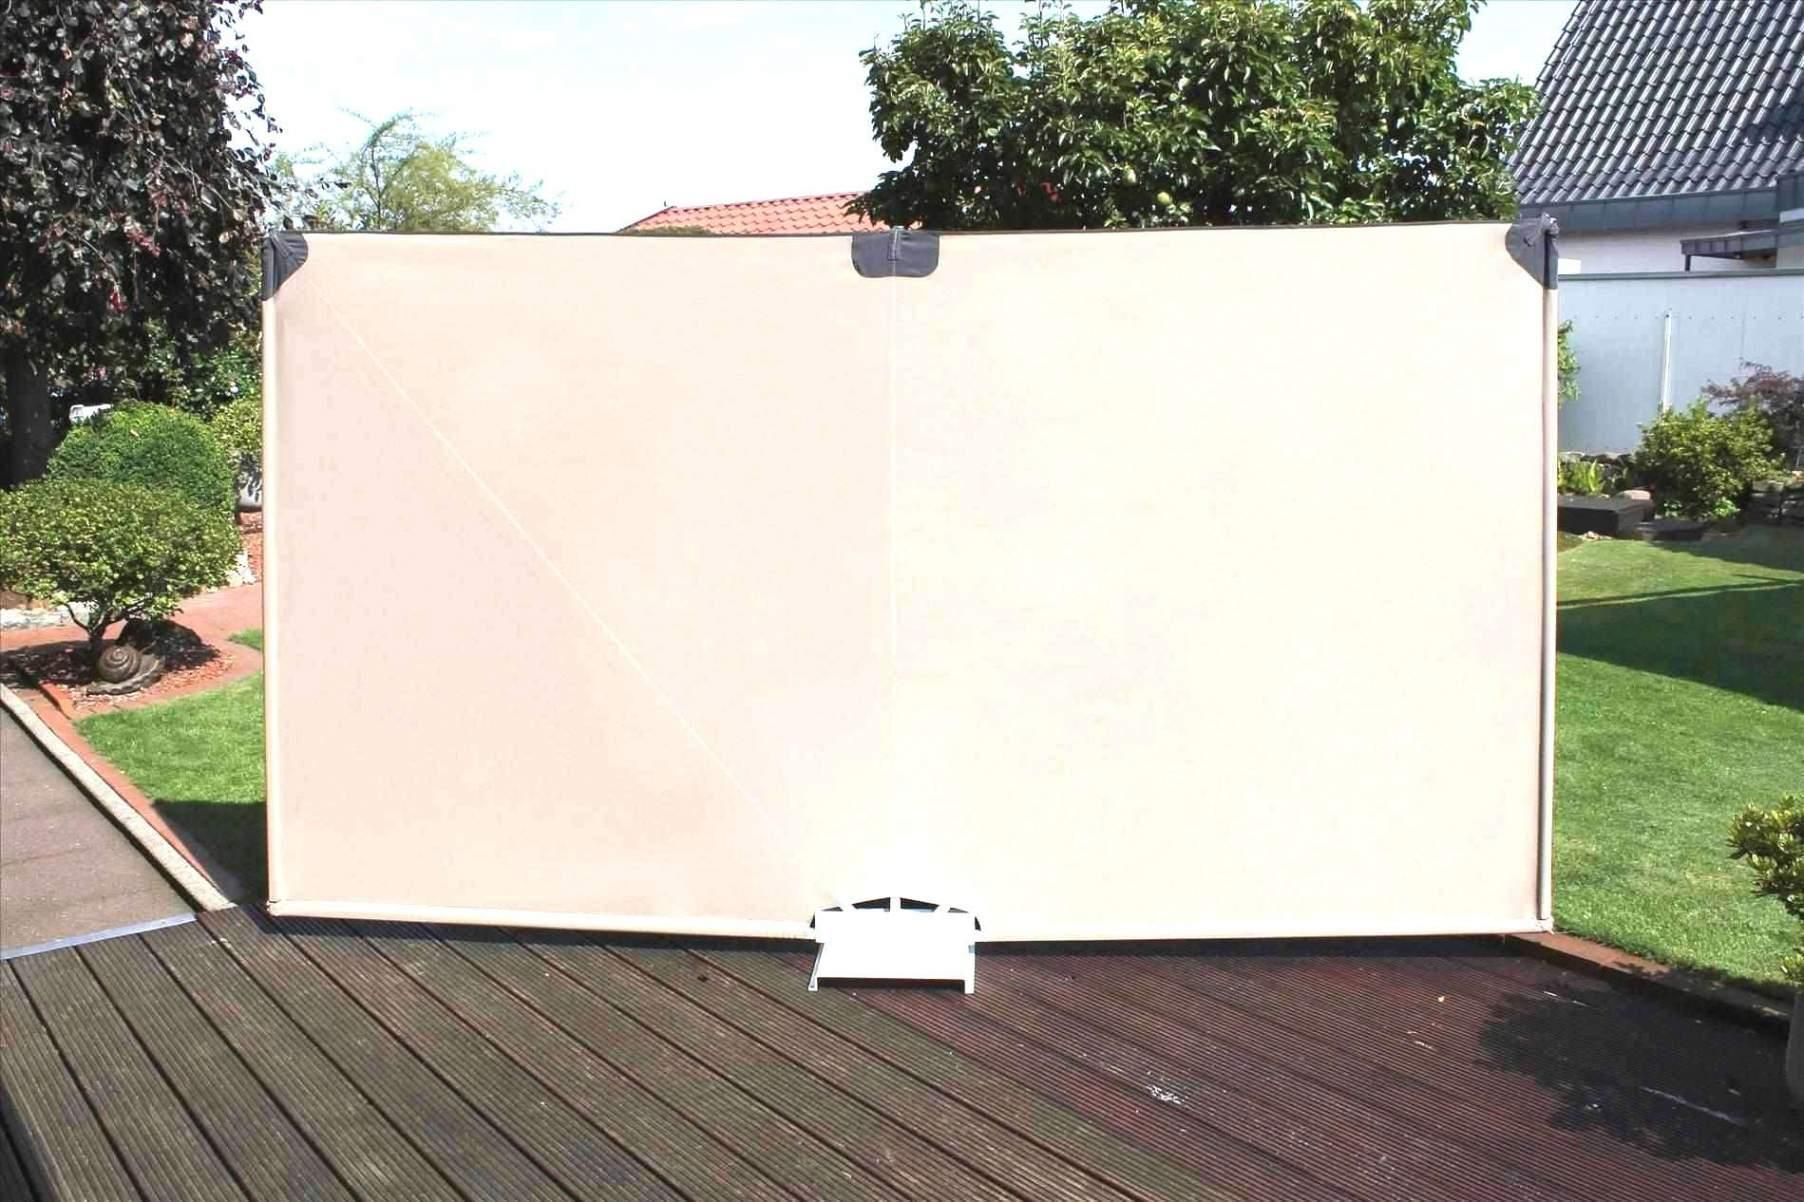 33 luxus balkon sichtschutz blickdicht bild terrasse blickdicht machen terrasse blickdicht machen